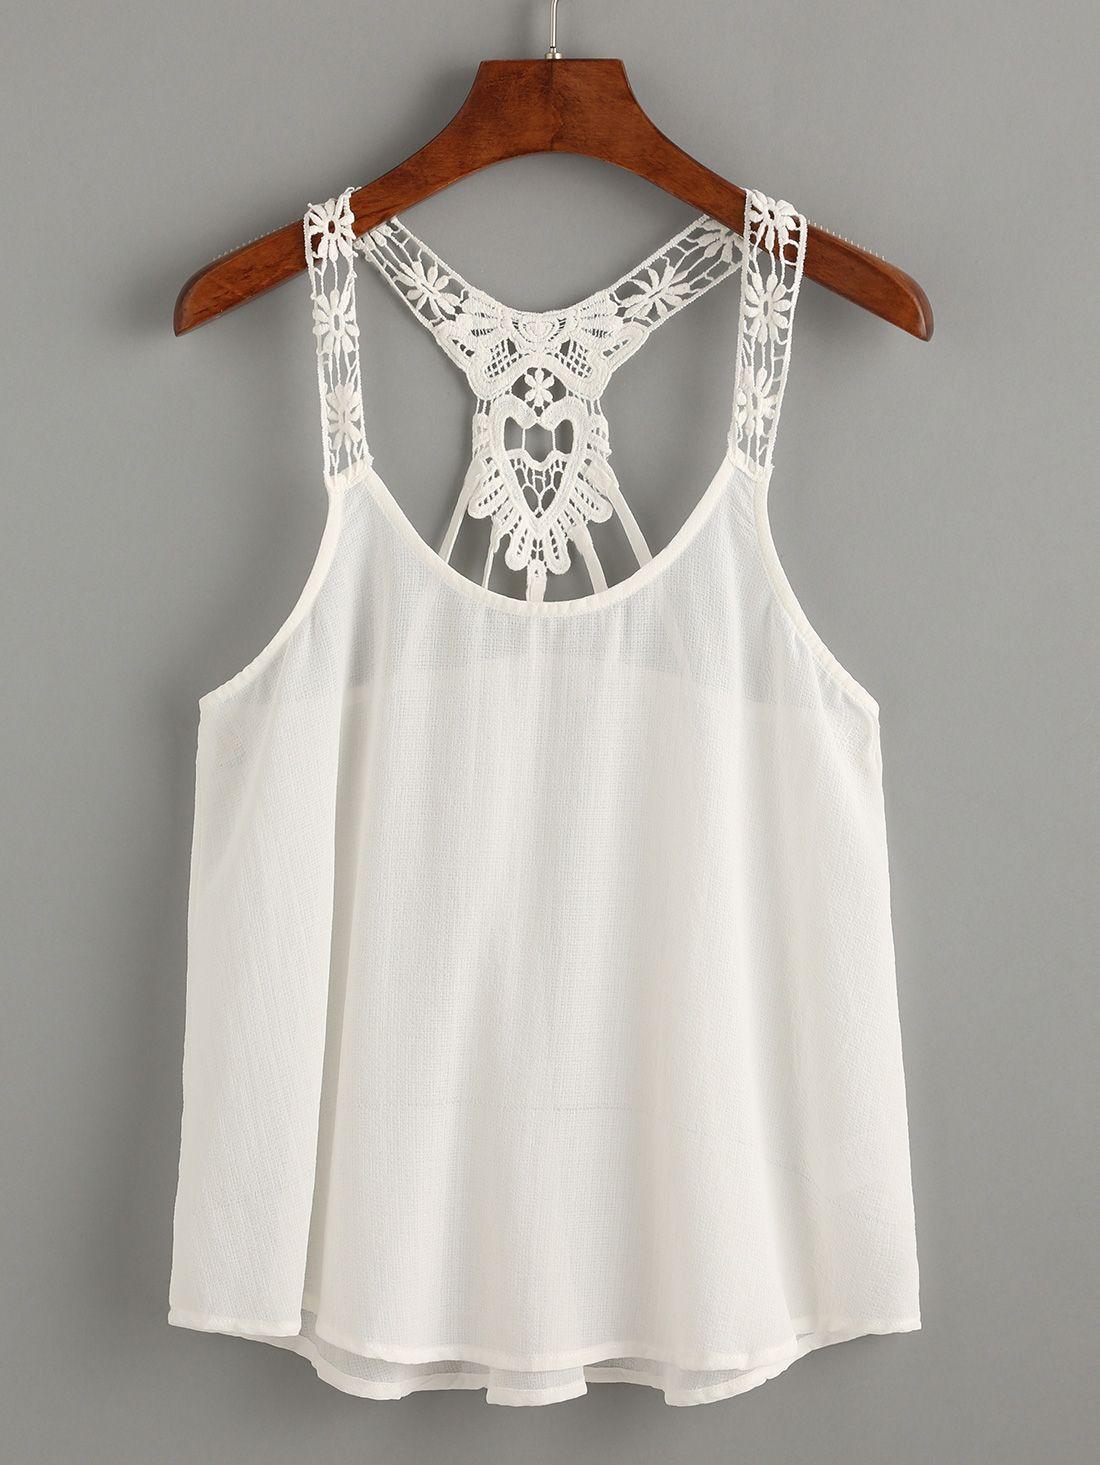 Askılı Tişörtten Göbeği Açık Bluz Nasıl Yapılır